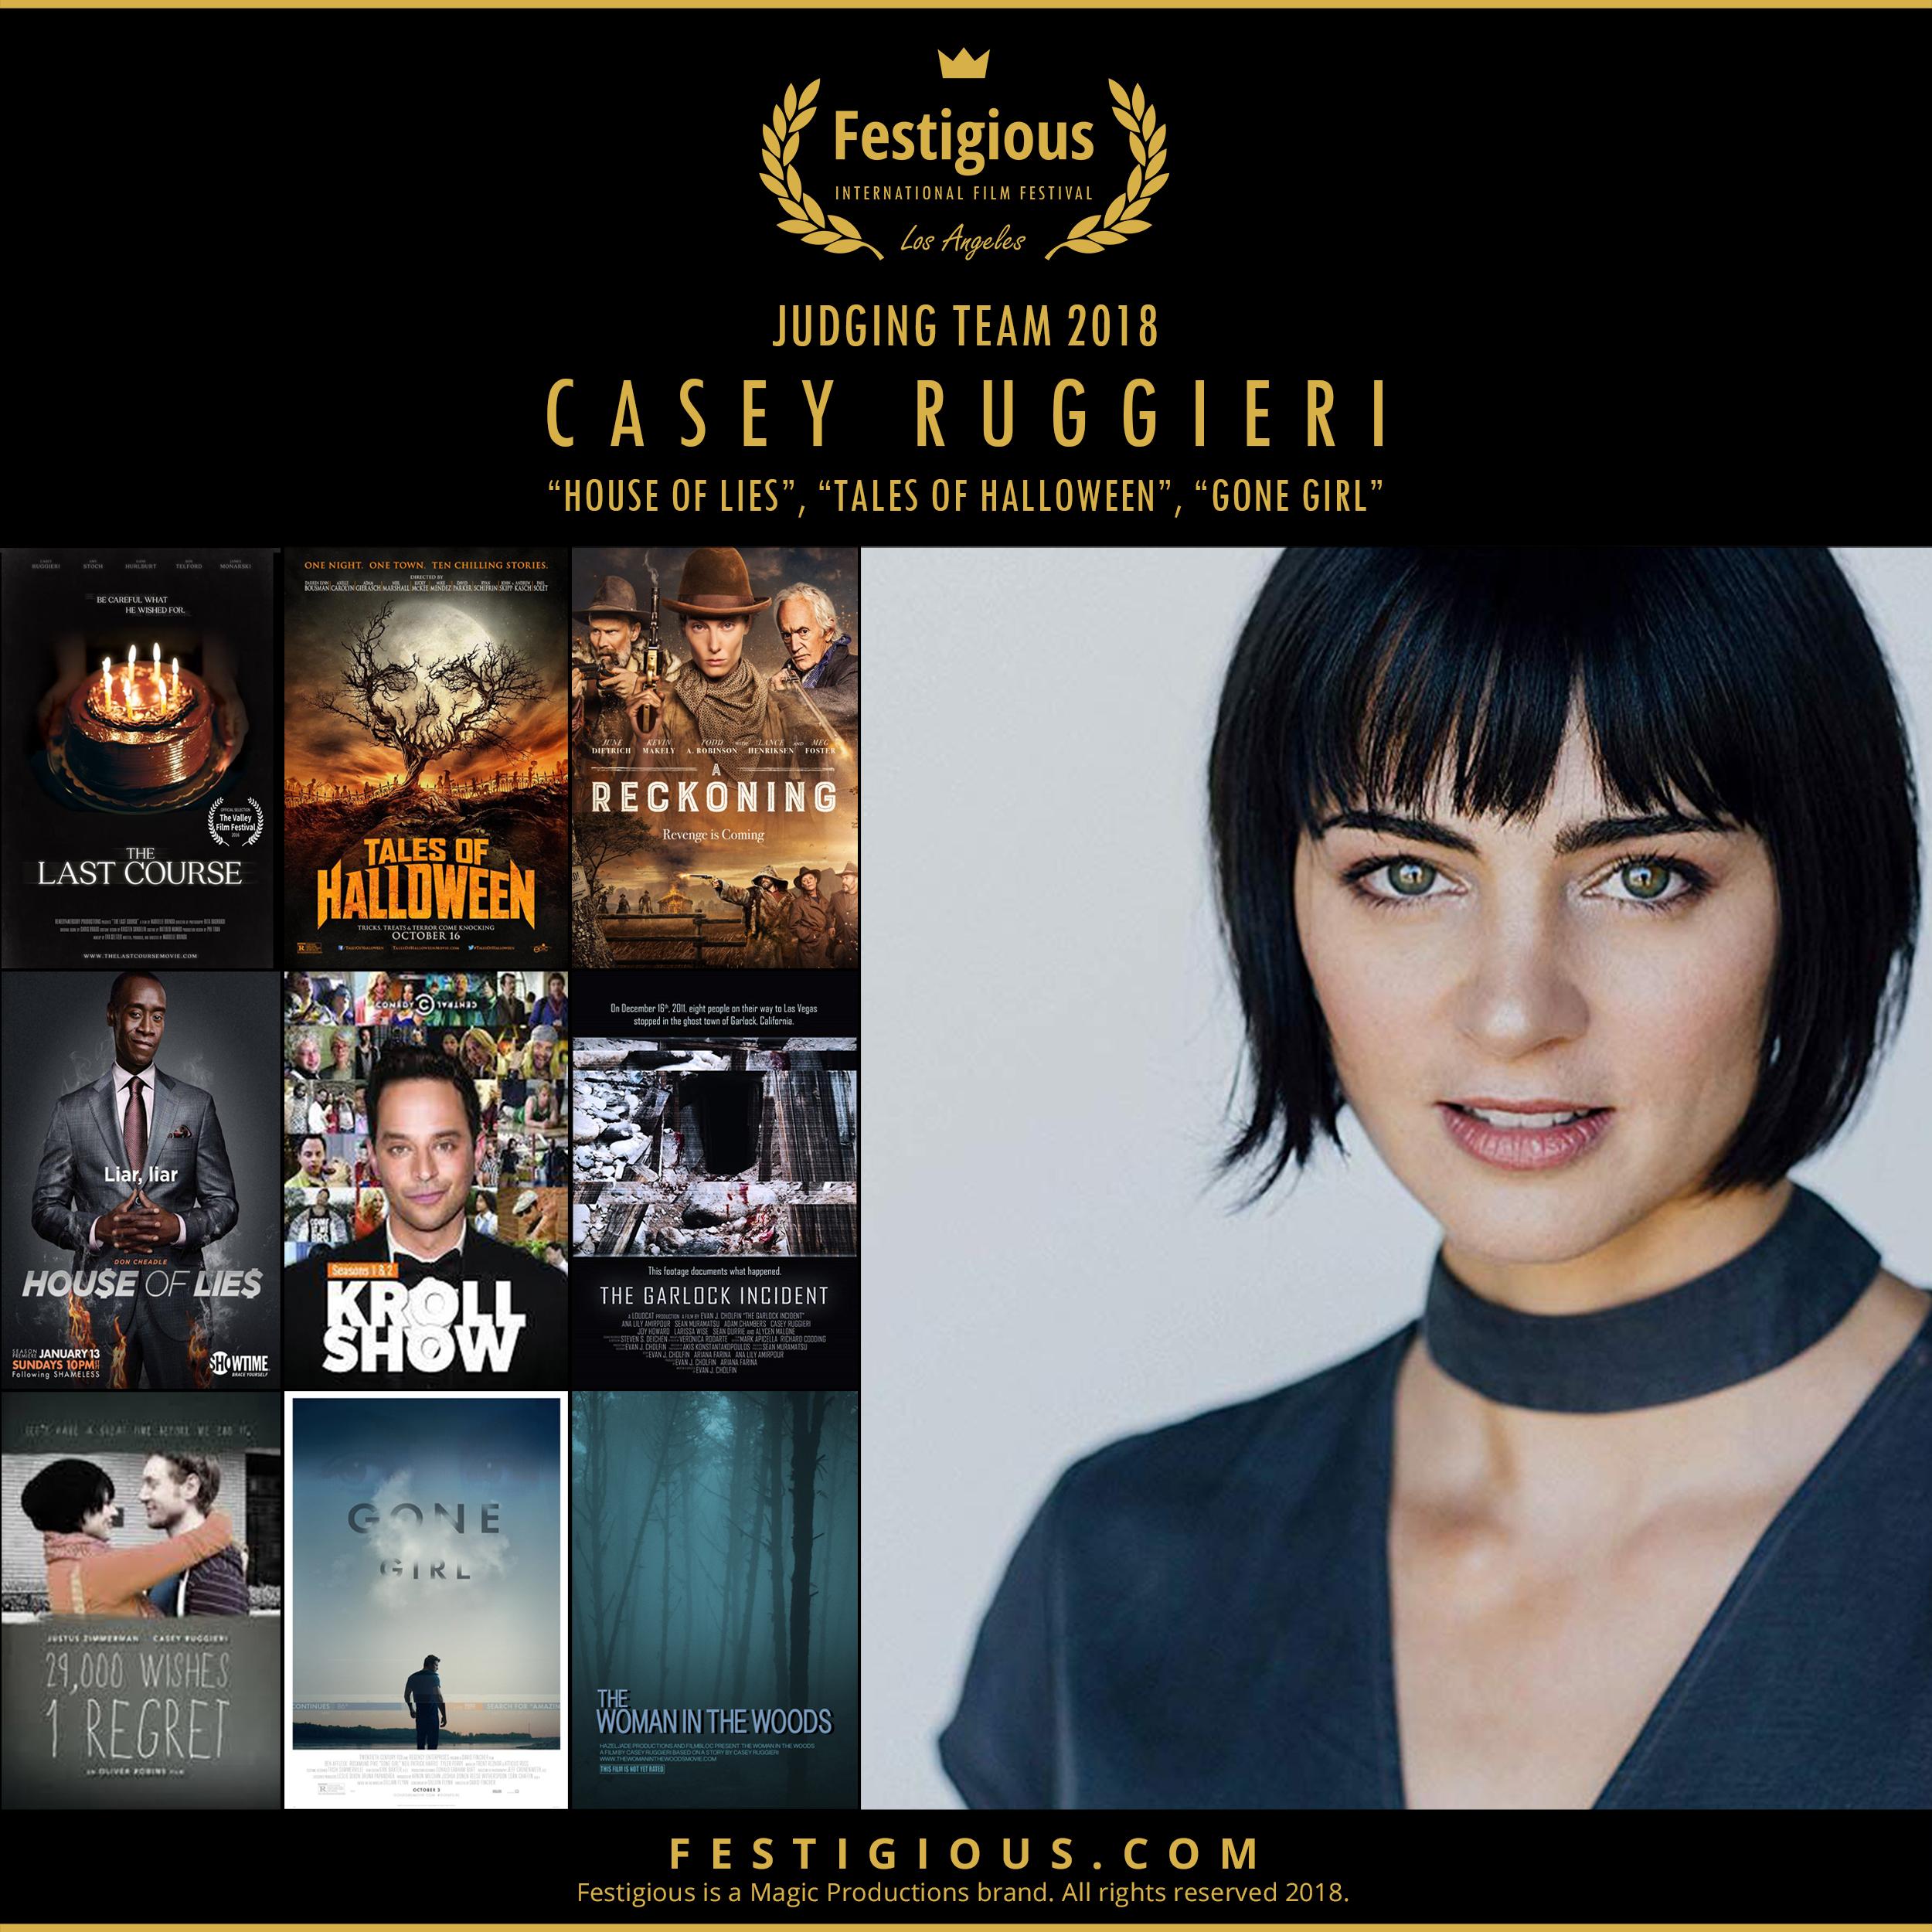 Festigious 2018 - Casey Ruggieri